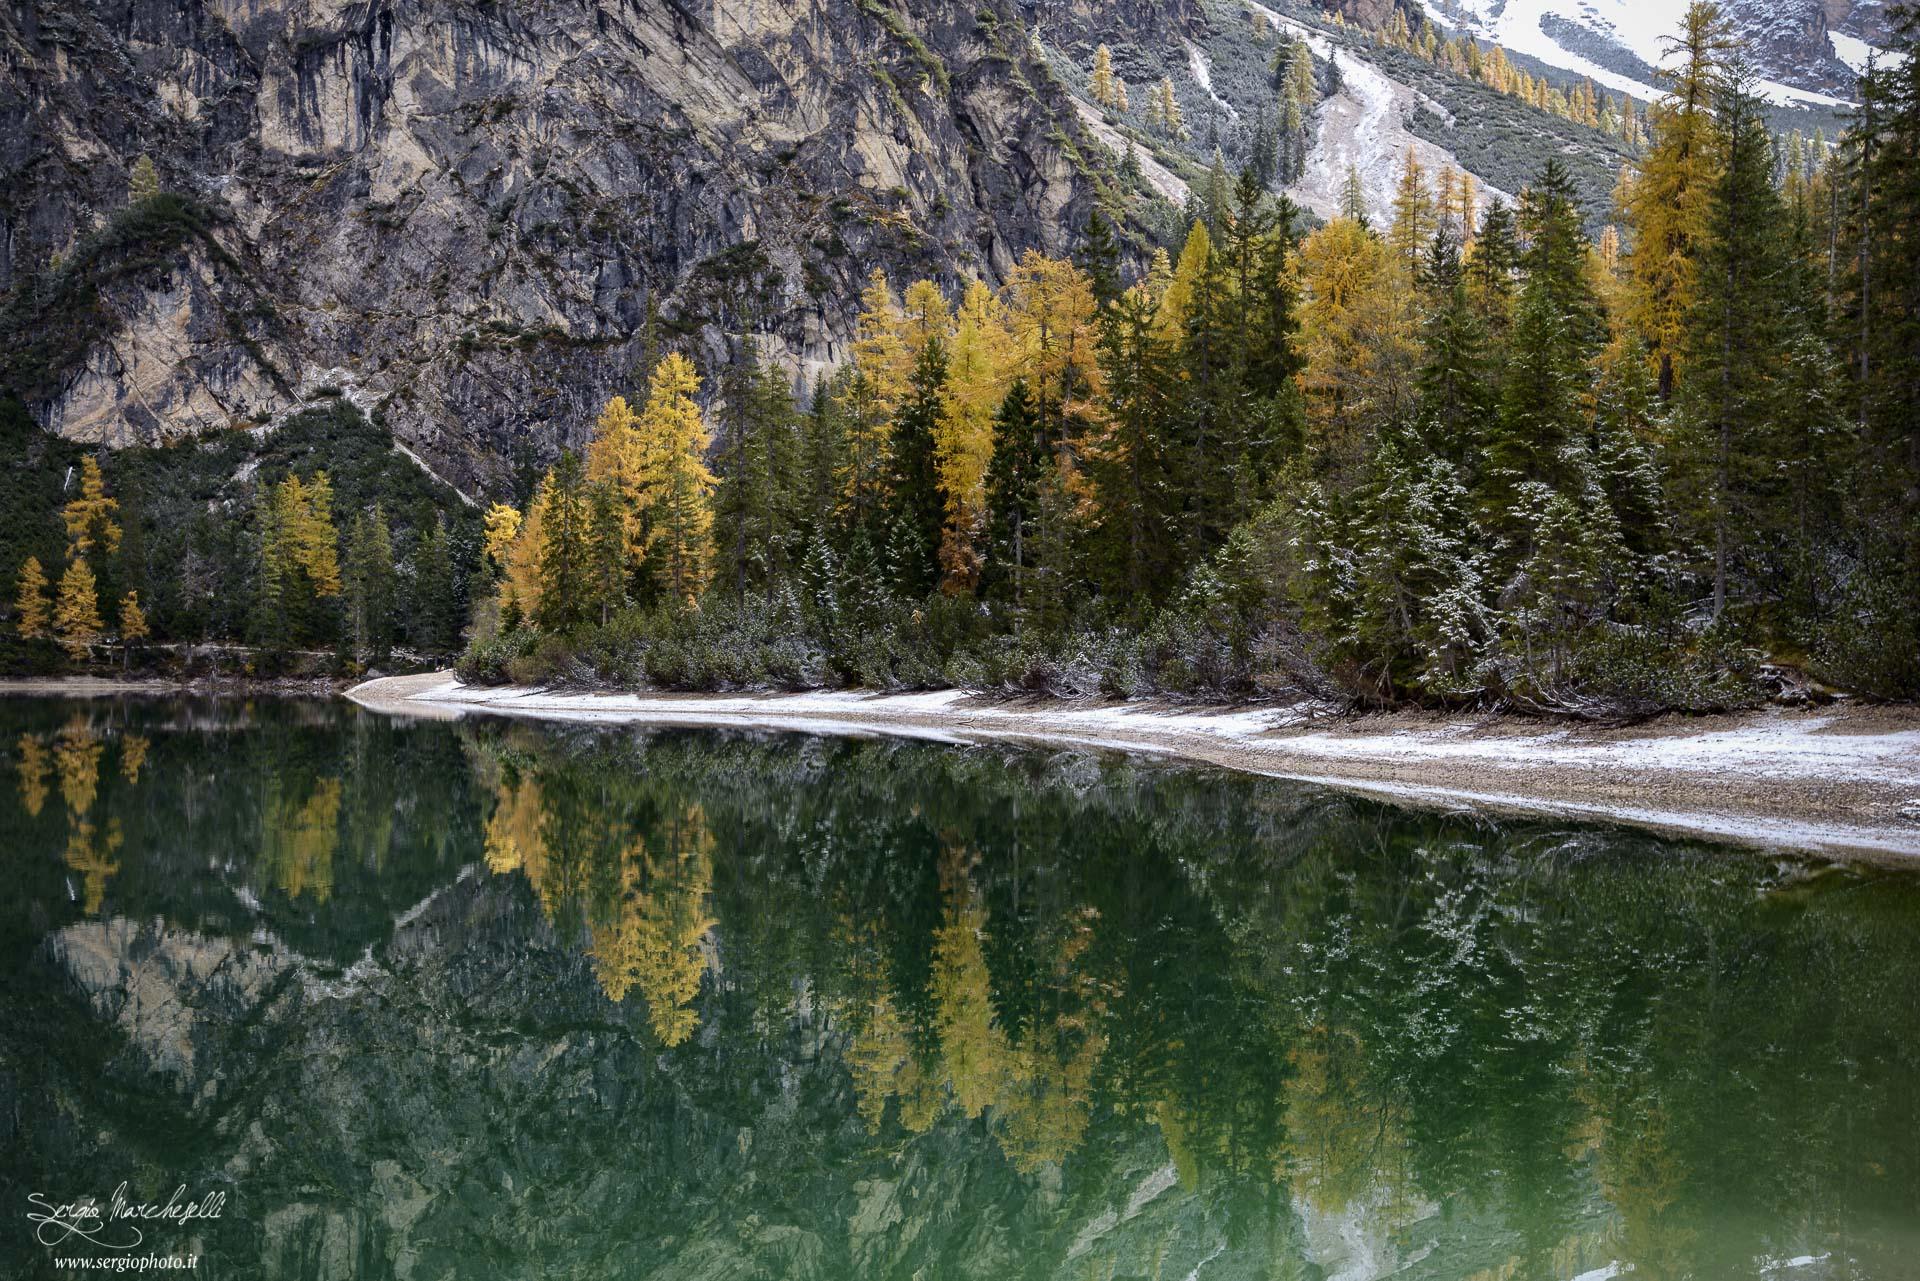 lago-di-braies_03